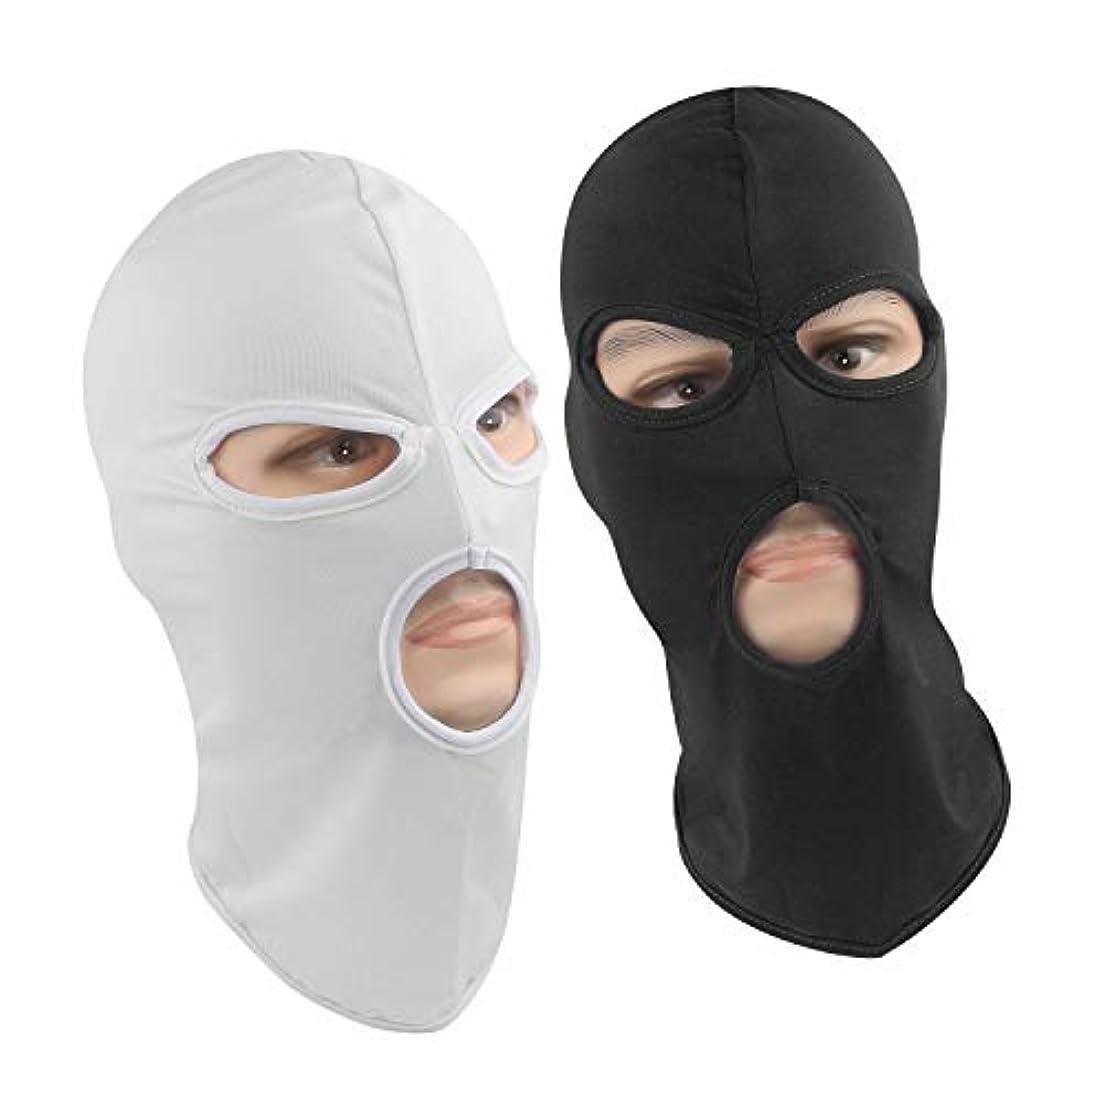 とにかく一緒兄バラクラバマスク3ホール式 伸縮速乾 柔軟軽量 保温通気 UVカット 防風 フルフェイスマスク,ブラック+白,2個